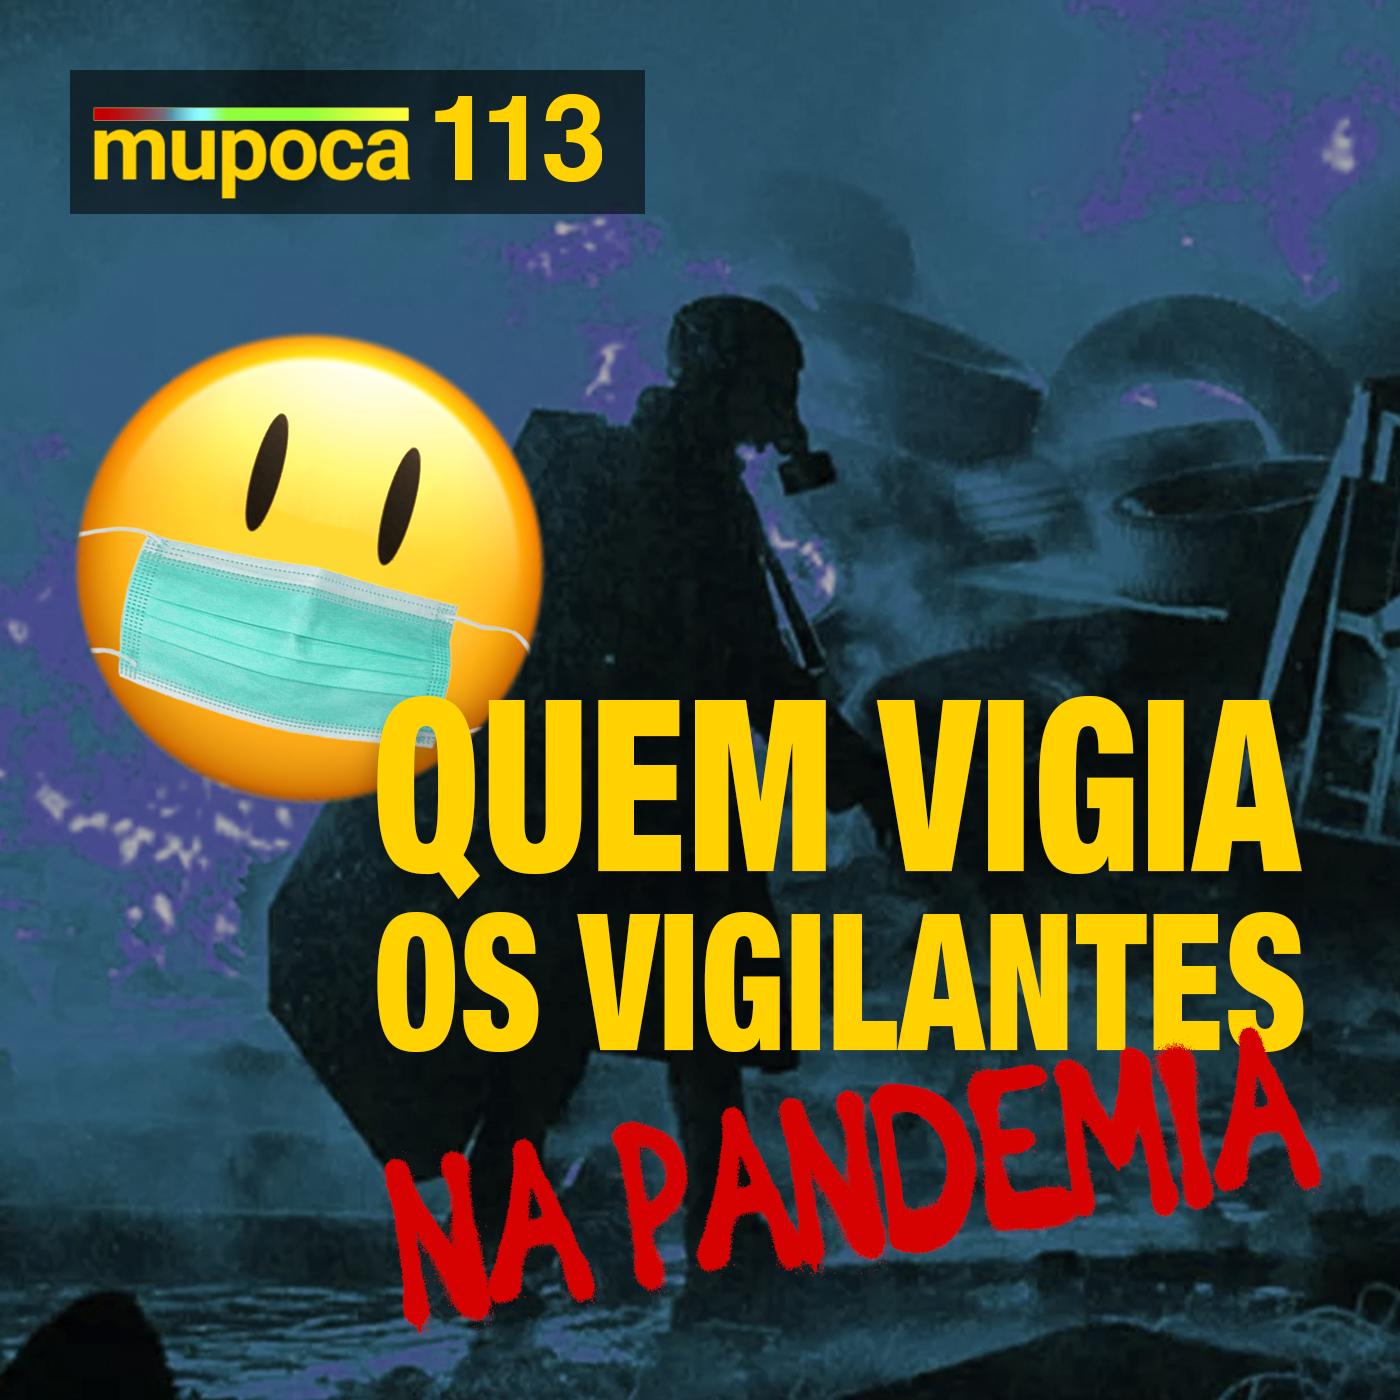 Capa - Quem vigia os vigilantes da pandemia?